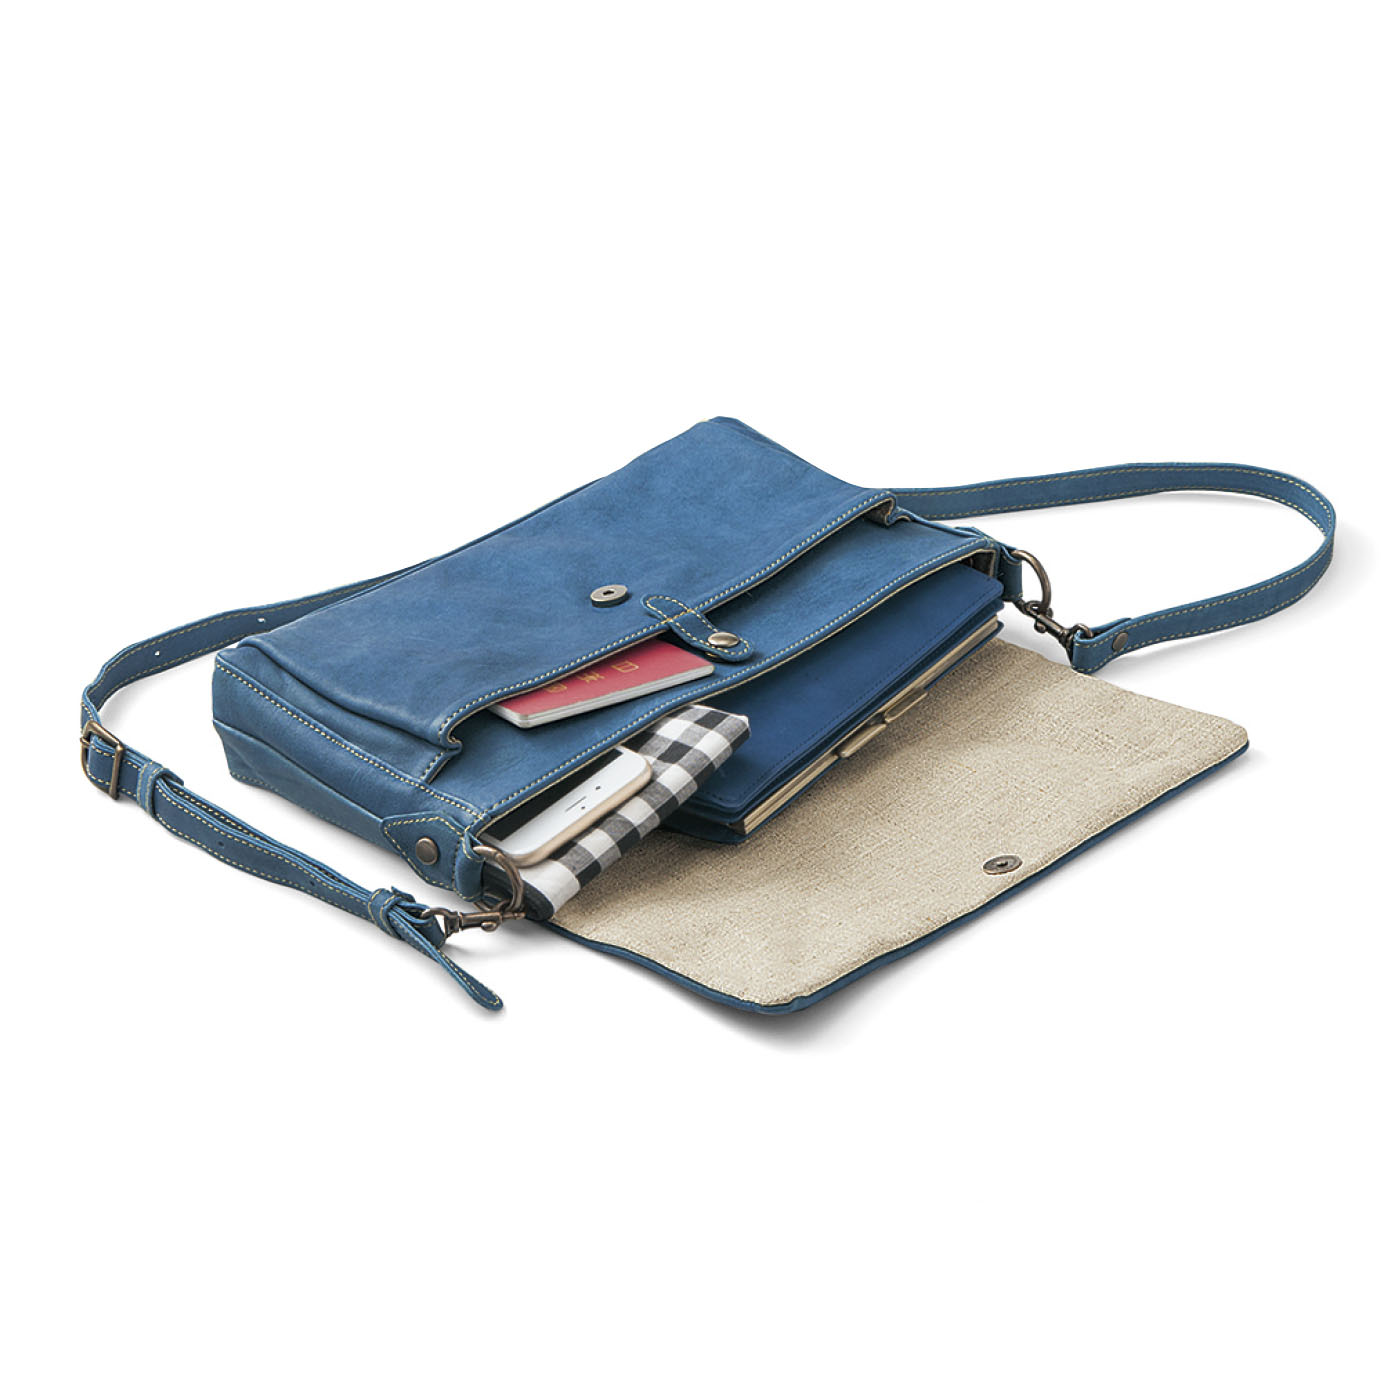 長財布、スマートフォンなどお出かけアイテムがすっきり収まる絶妙サイズ。